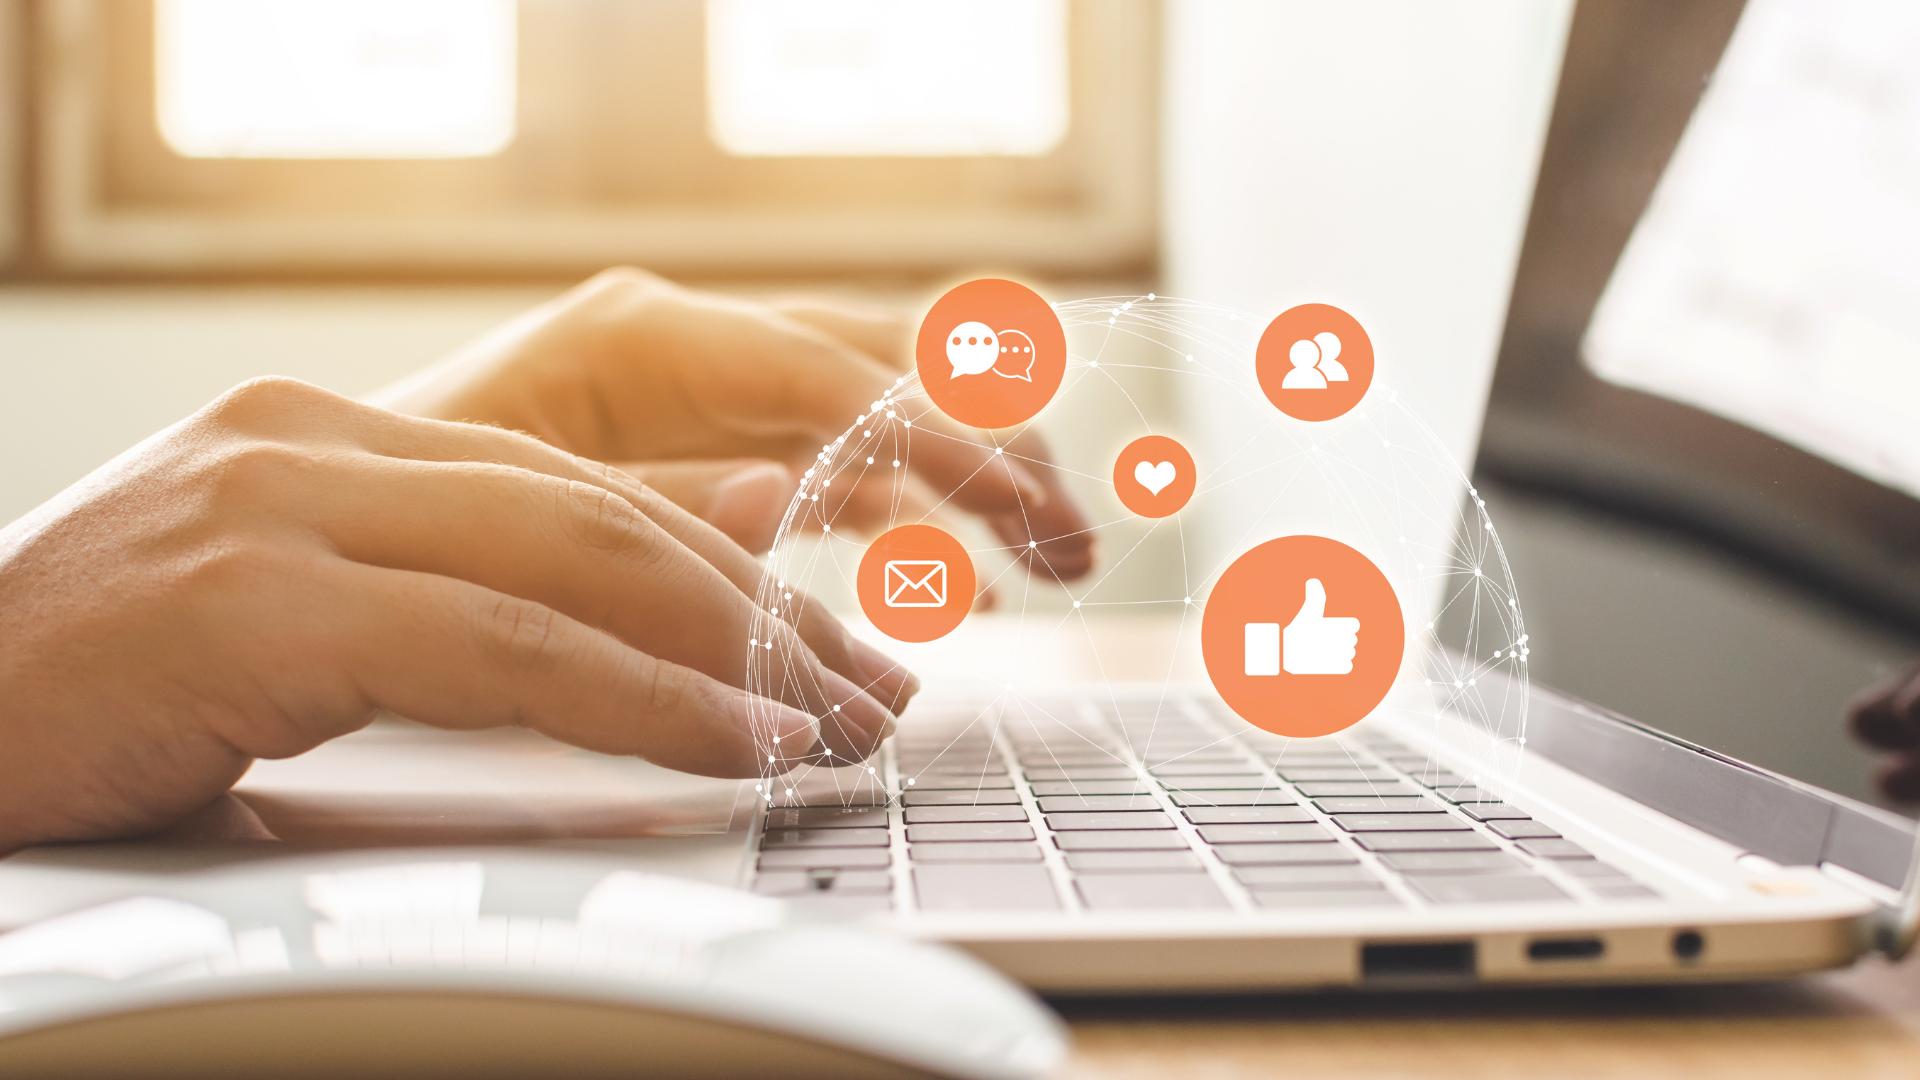 Femeie care utilizează laptopul pentru a căuta tehnici de marketing online